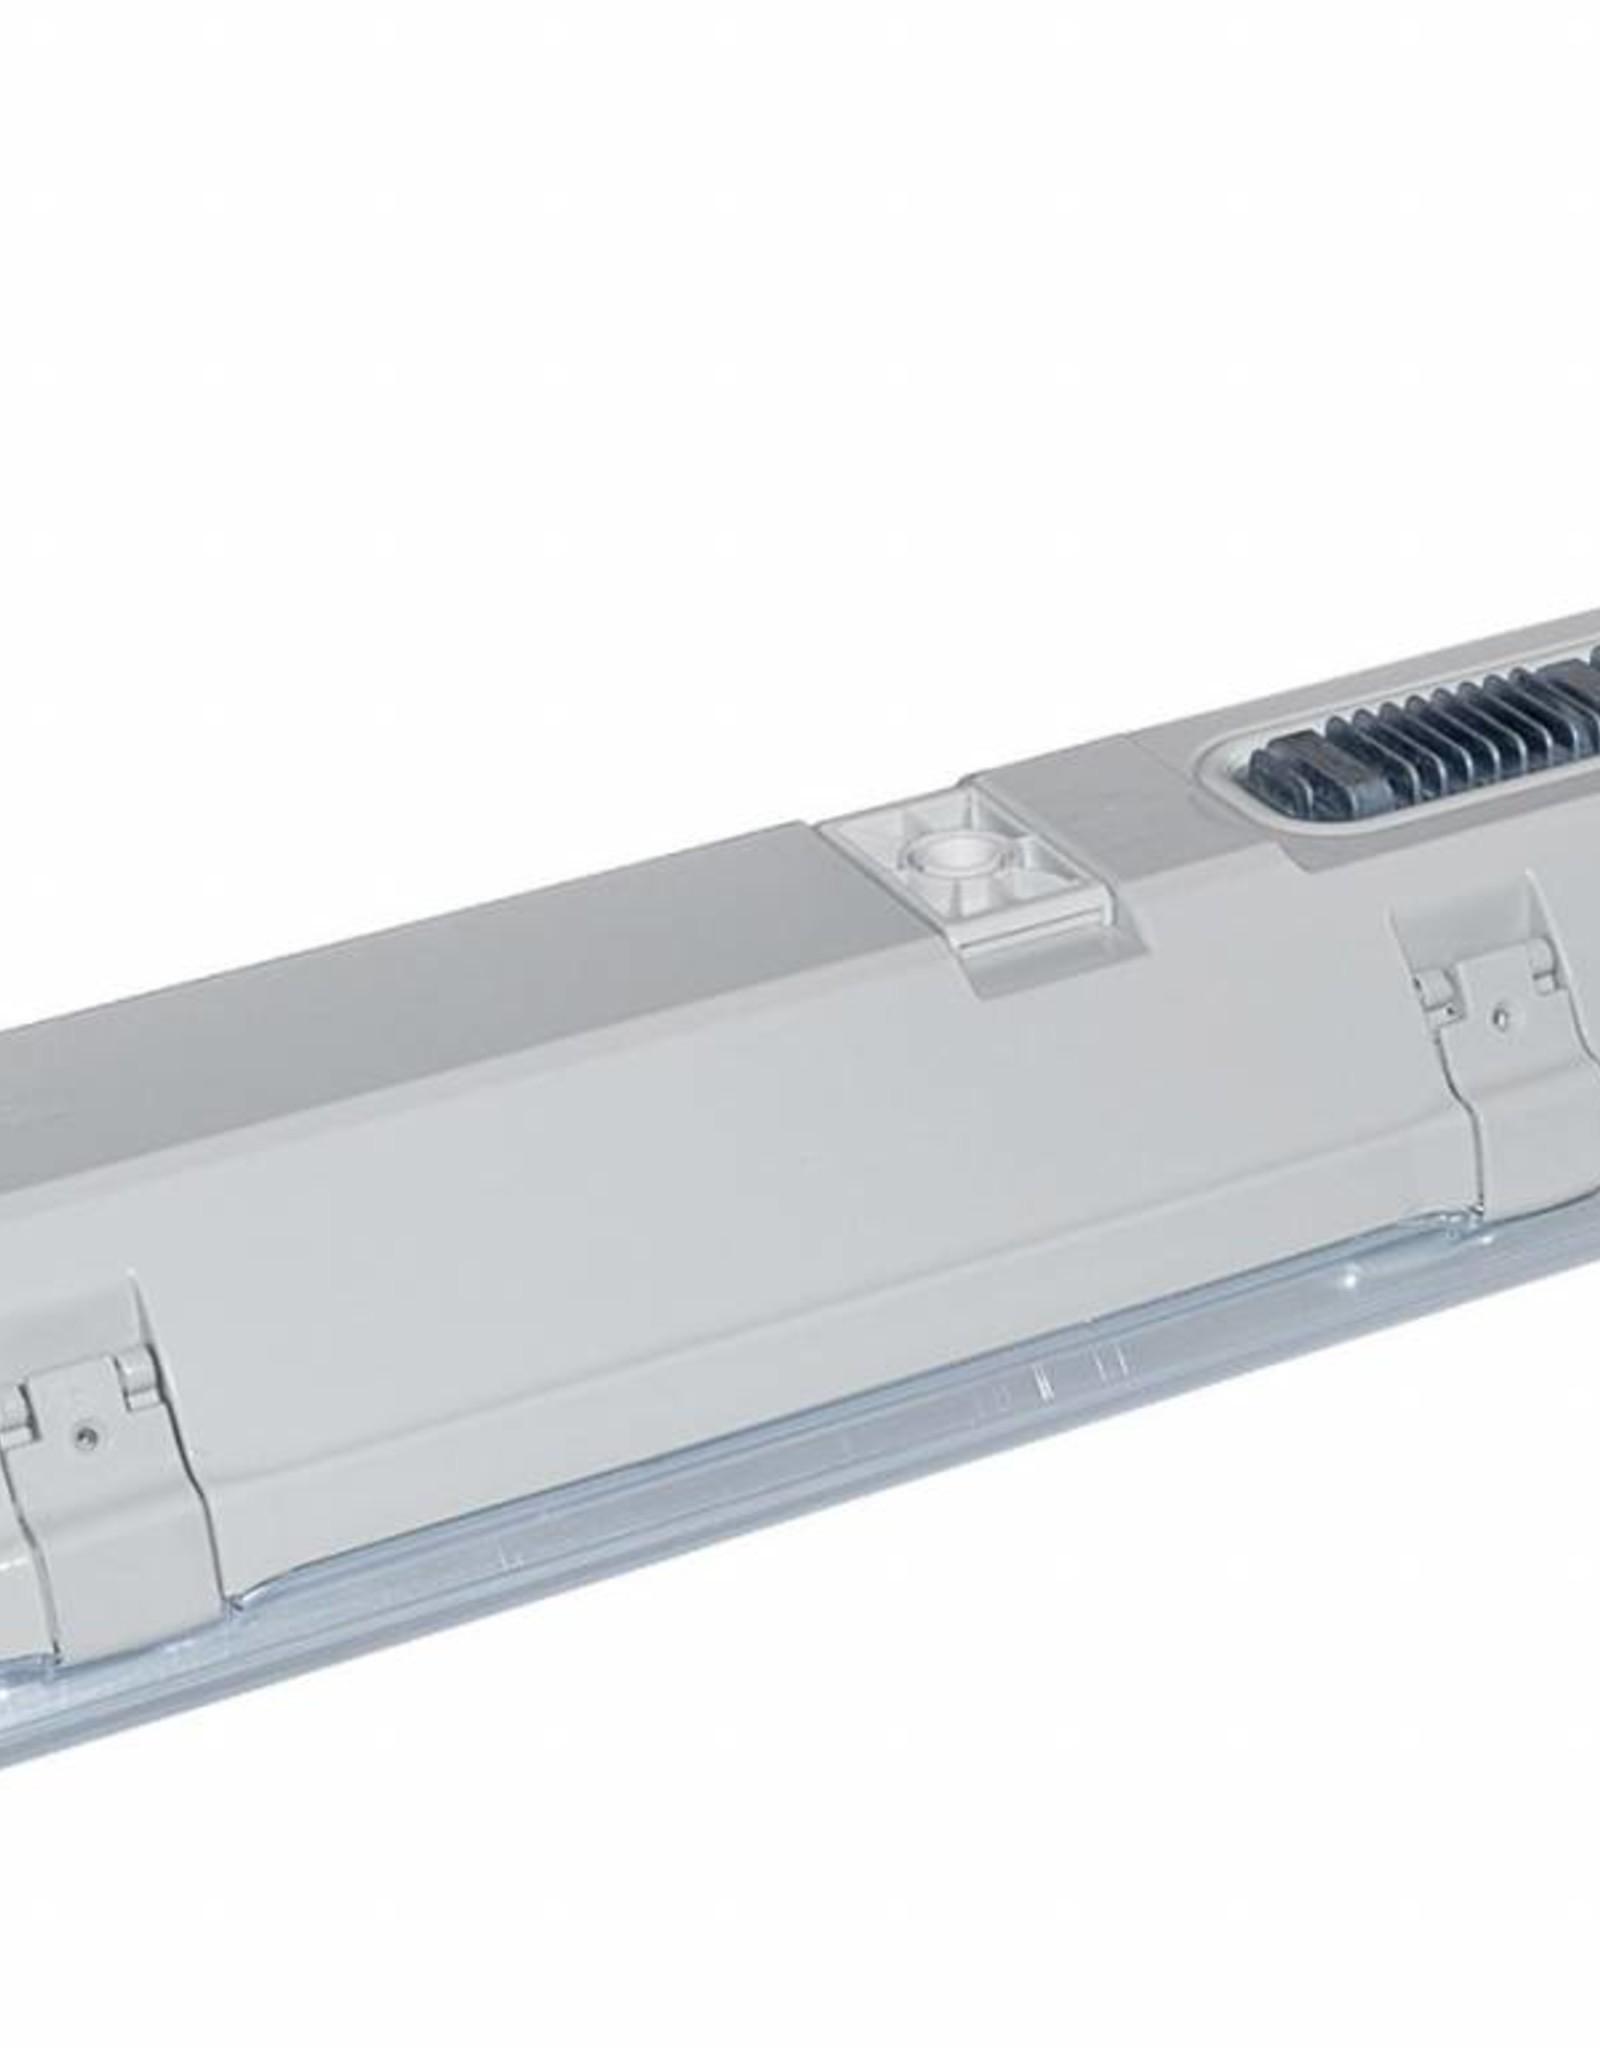 FUTURA NB 2.4ft PCc Al 8800/840